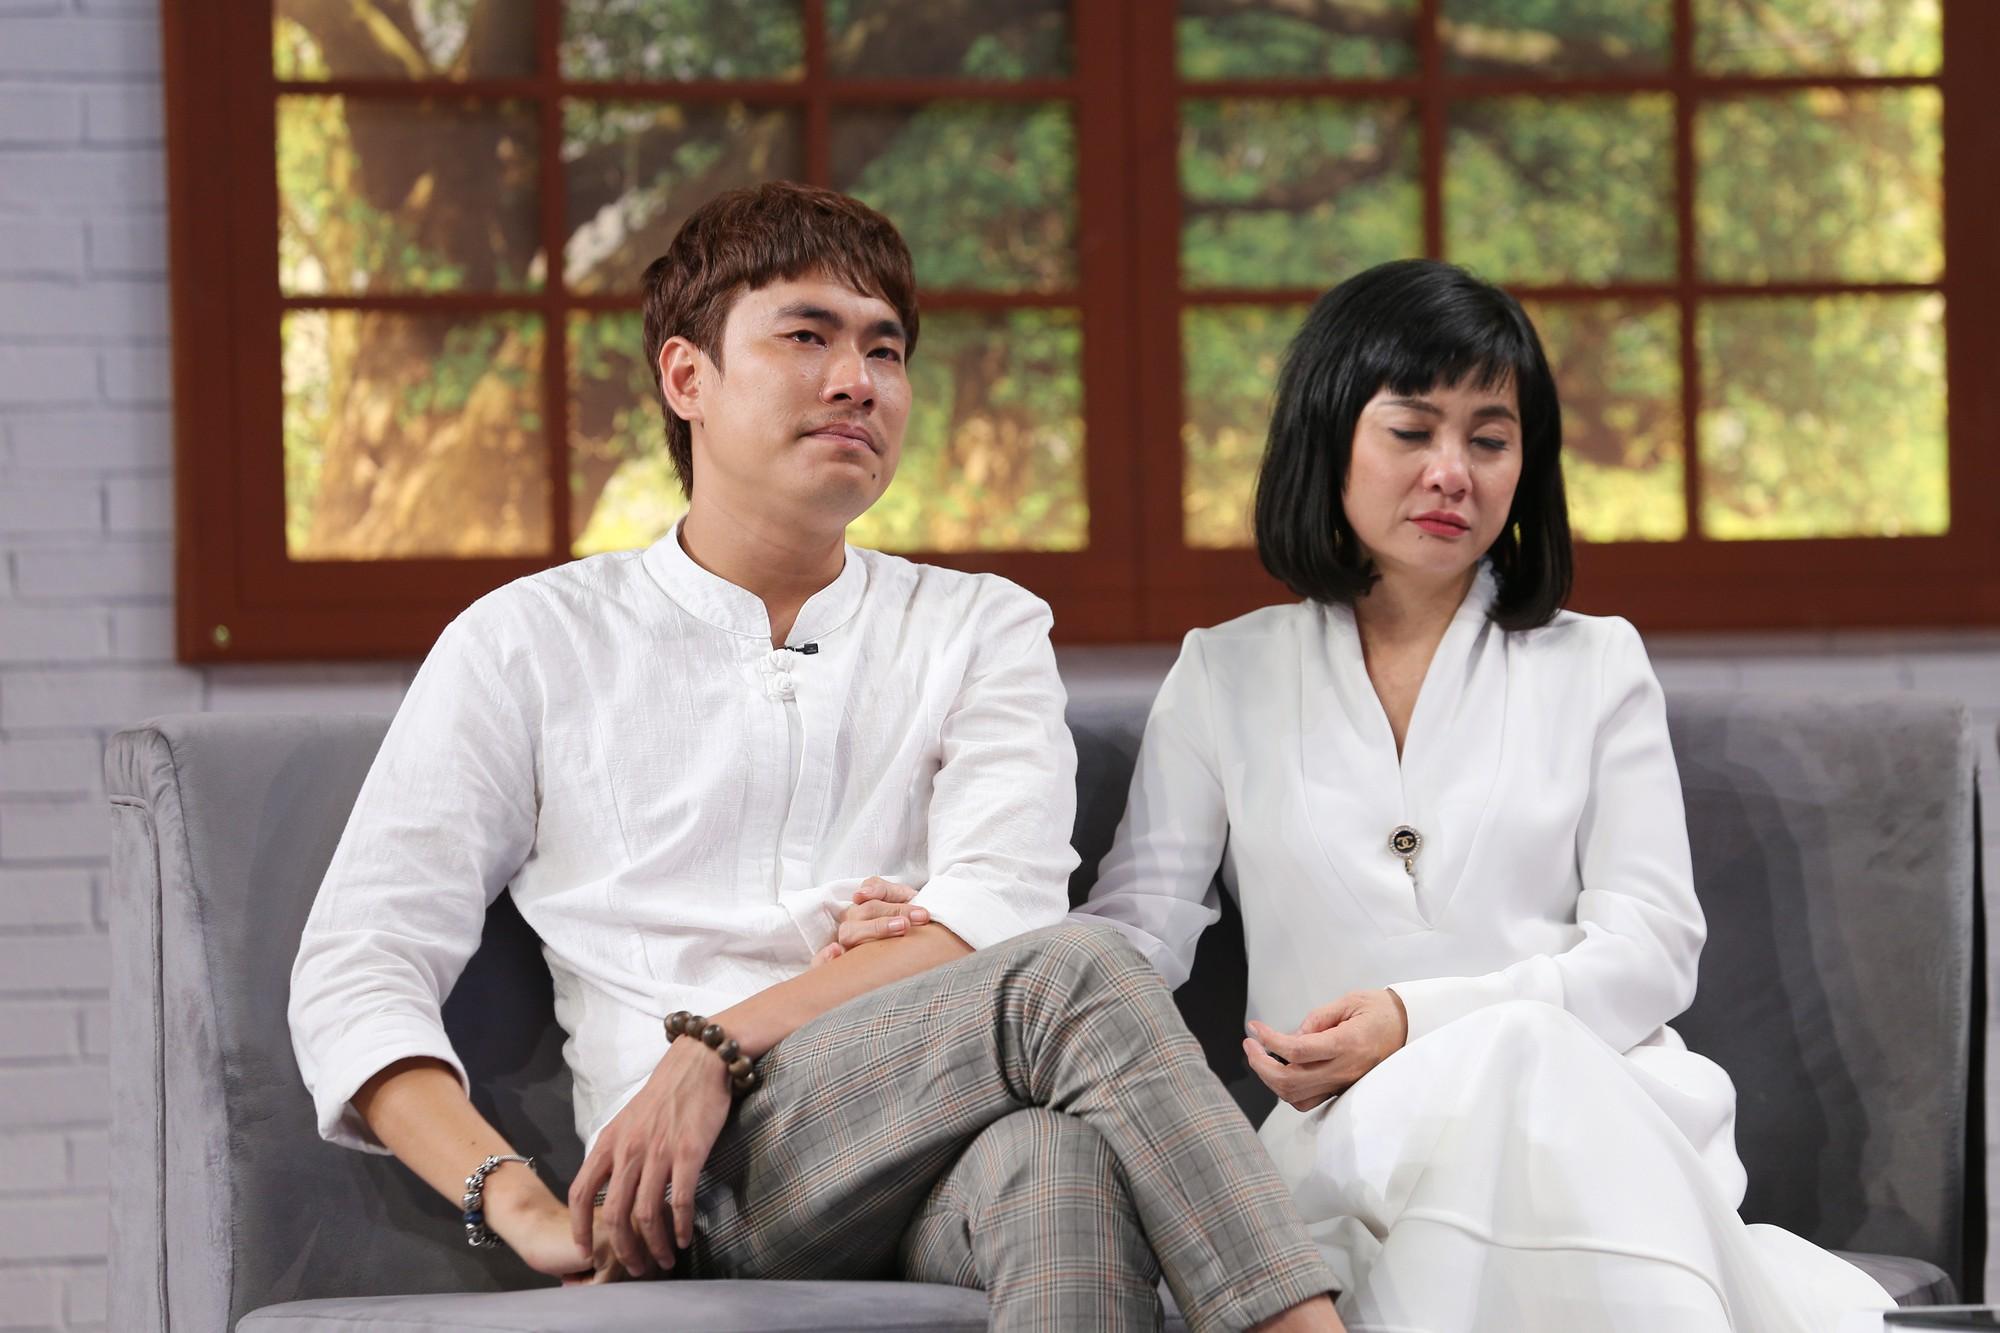 Kiều Minh Tuấn rơi nước mắt khi nhắc đến nguyện vọng có con với Cát Phượng - Ảnh 5.